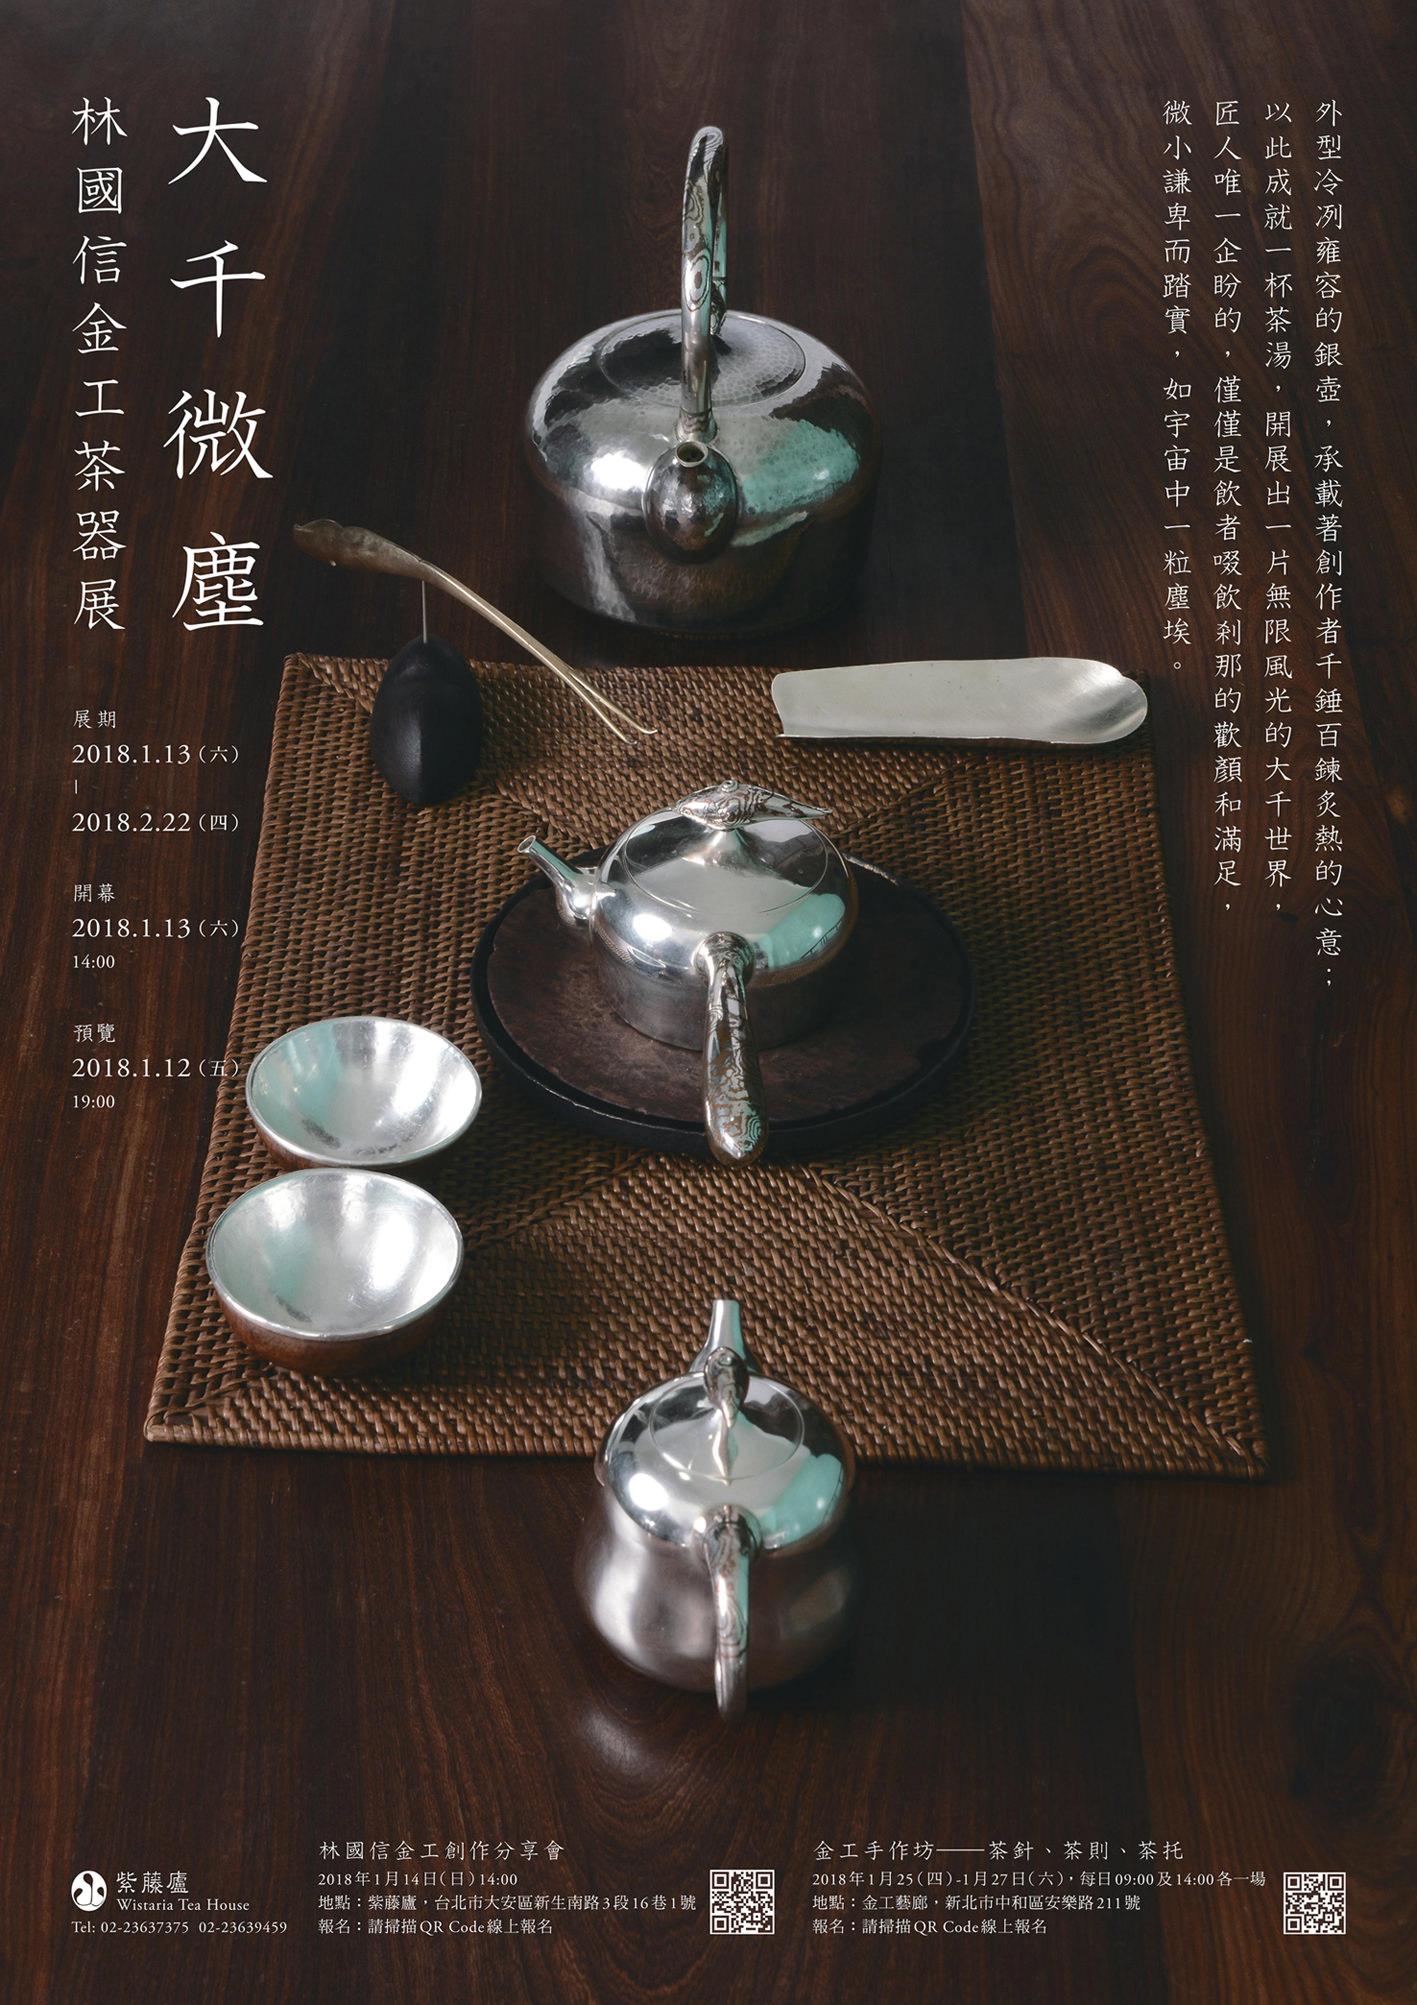 大千微塵–林國信金工茶器創作展